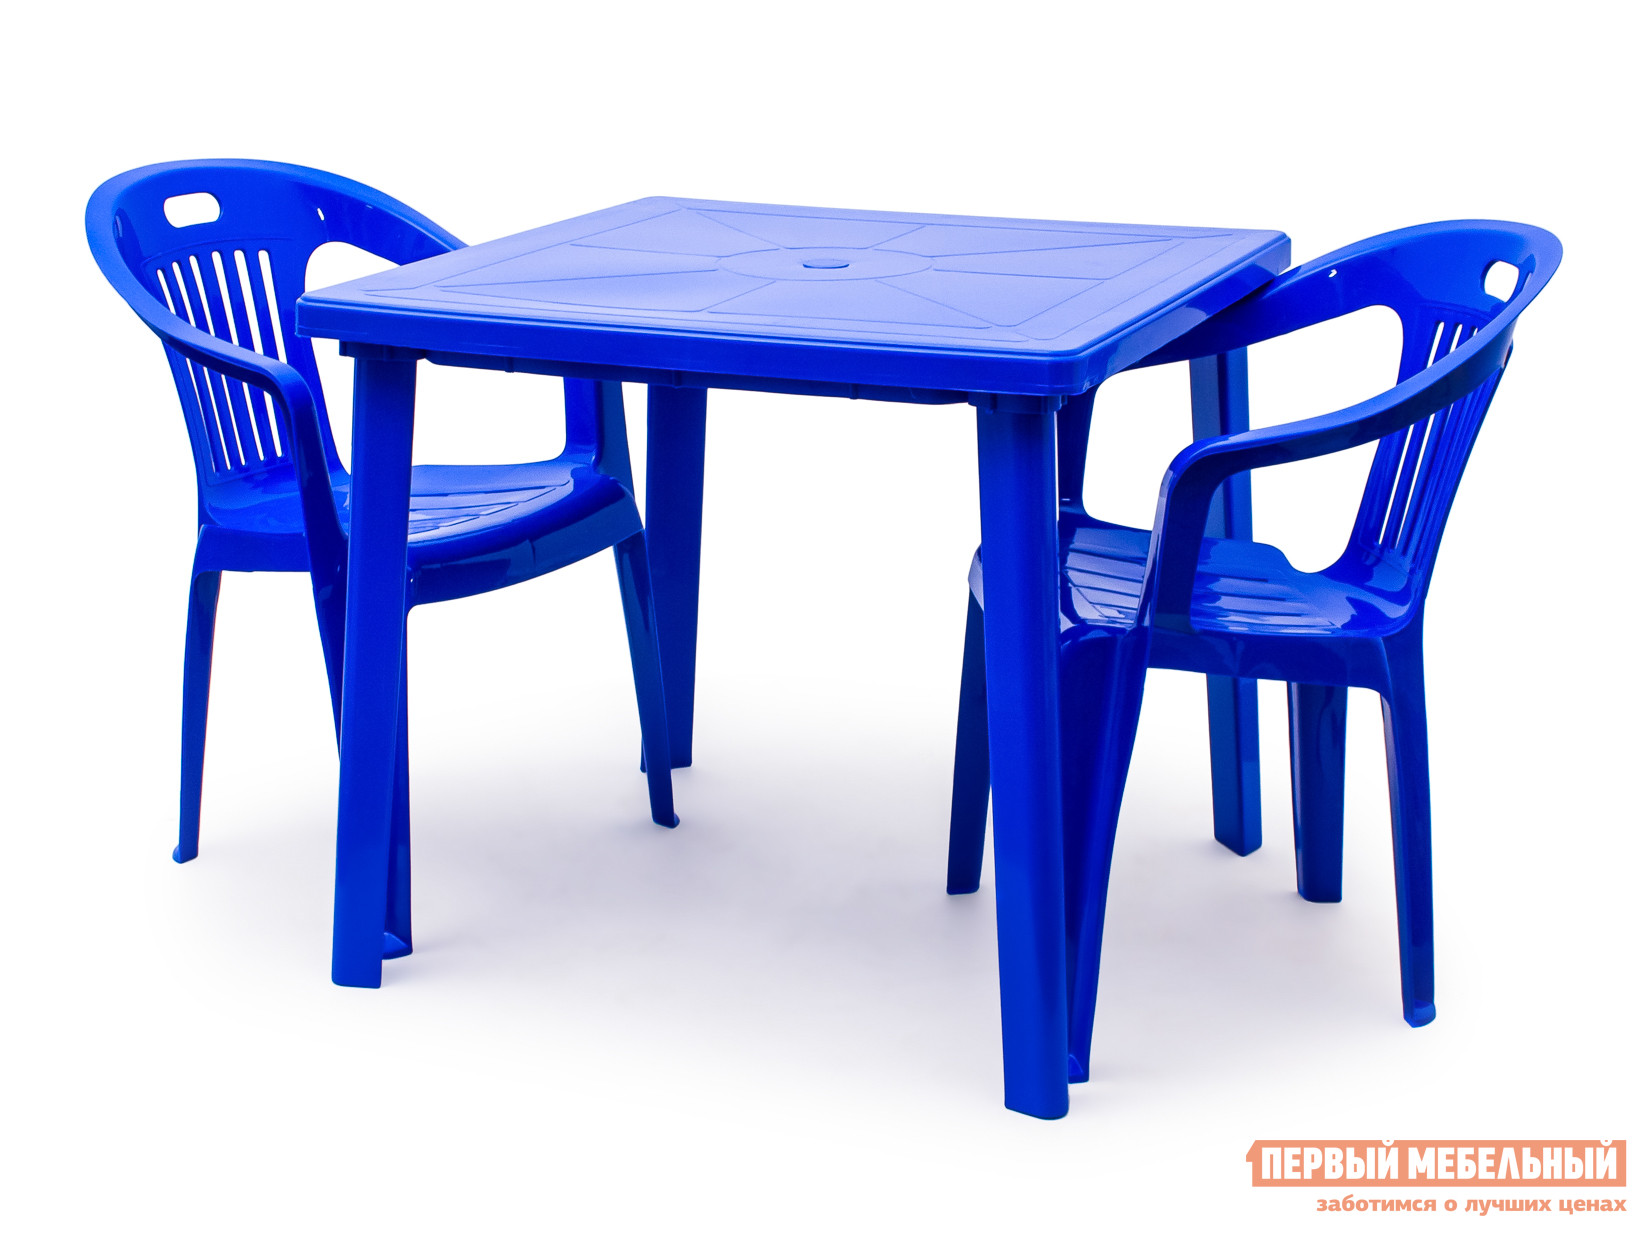 Набор пластиковой мебели Стандарт Пластик Стол квадратный (800х800х710) + Кресло №5 Комфорт-1 (540x535x780мм), 2 шт. СинийНаборы пластиковой мебели<br>Габаритные размеры ВхШхГ xx мм. Стол квадратный 800х800х710 + Кресло №5 Комфорт-1 образуют удобную обеденную группу для отдыха на даче, в летнем кафе или на пляже.  При необходимости можно заказать два дополнительных кресла и увеличить число сидячих мест. Пластиковая мебель отличается простотой в уходе и хранении.  Поэтому ее так часто выбирают в качестве летней мебели как для личного пользования, так и для общественных мест.  Мебель не выцветает, устойчива к жаркому солнцу и дождям.  Только ураганный ветер может причинить неудобства, так как вес мебели незначительный.<br><br>Цвет: Синий<br>Кол-во упаковок: 3<br>Форма поставки: В разобранном виде<br>Срок гарантии: 1 год<br>Тип: На 2 персоны